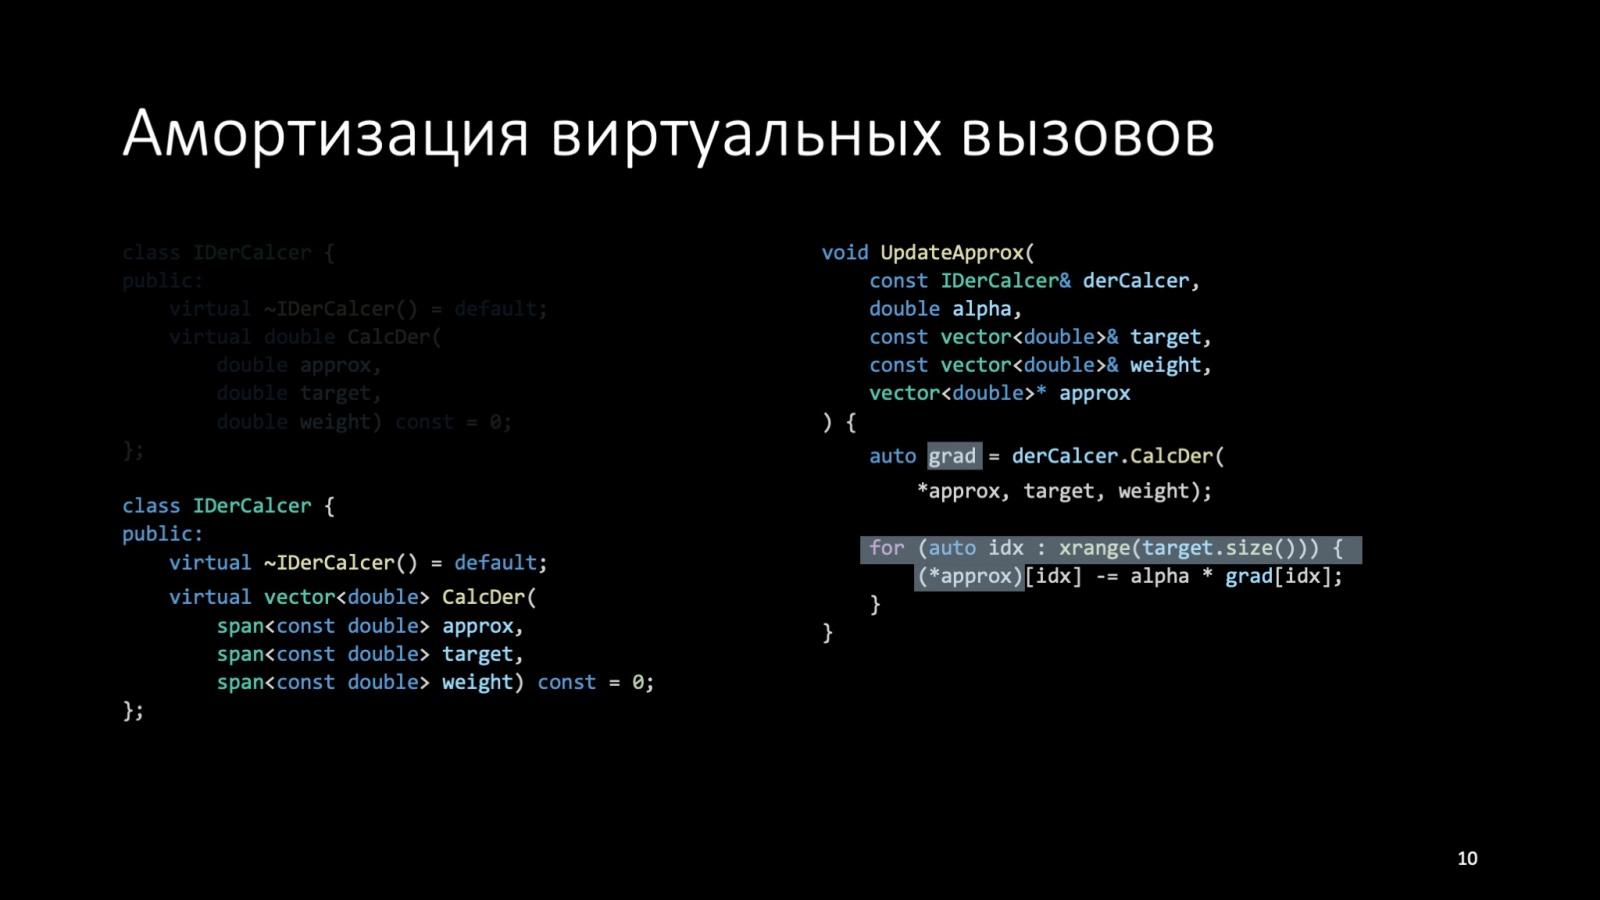 Оптимизация C++: совмещаем скорость и высокий уровень. Доклад Яндекса - 10